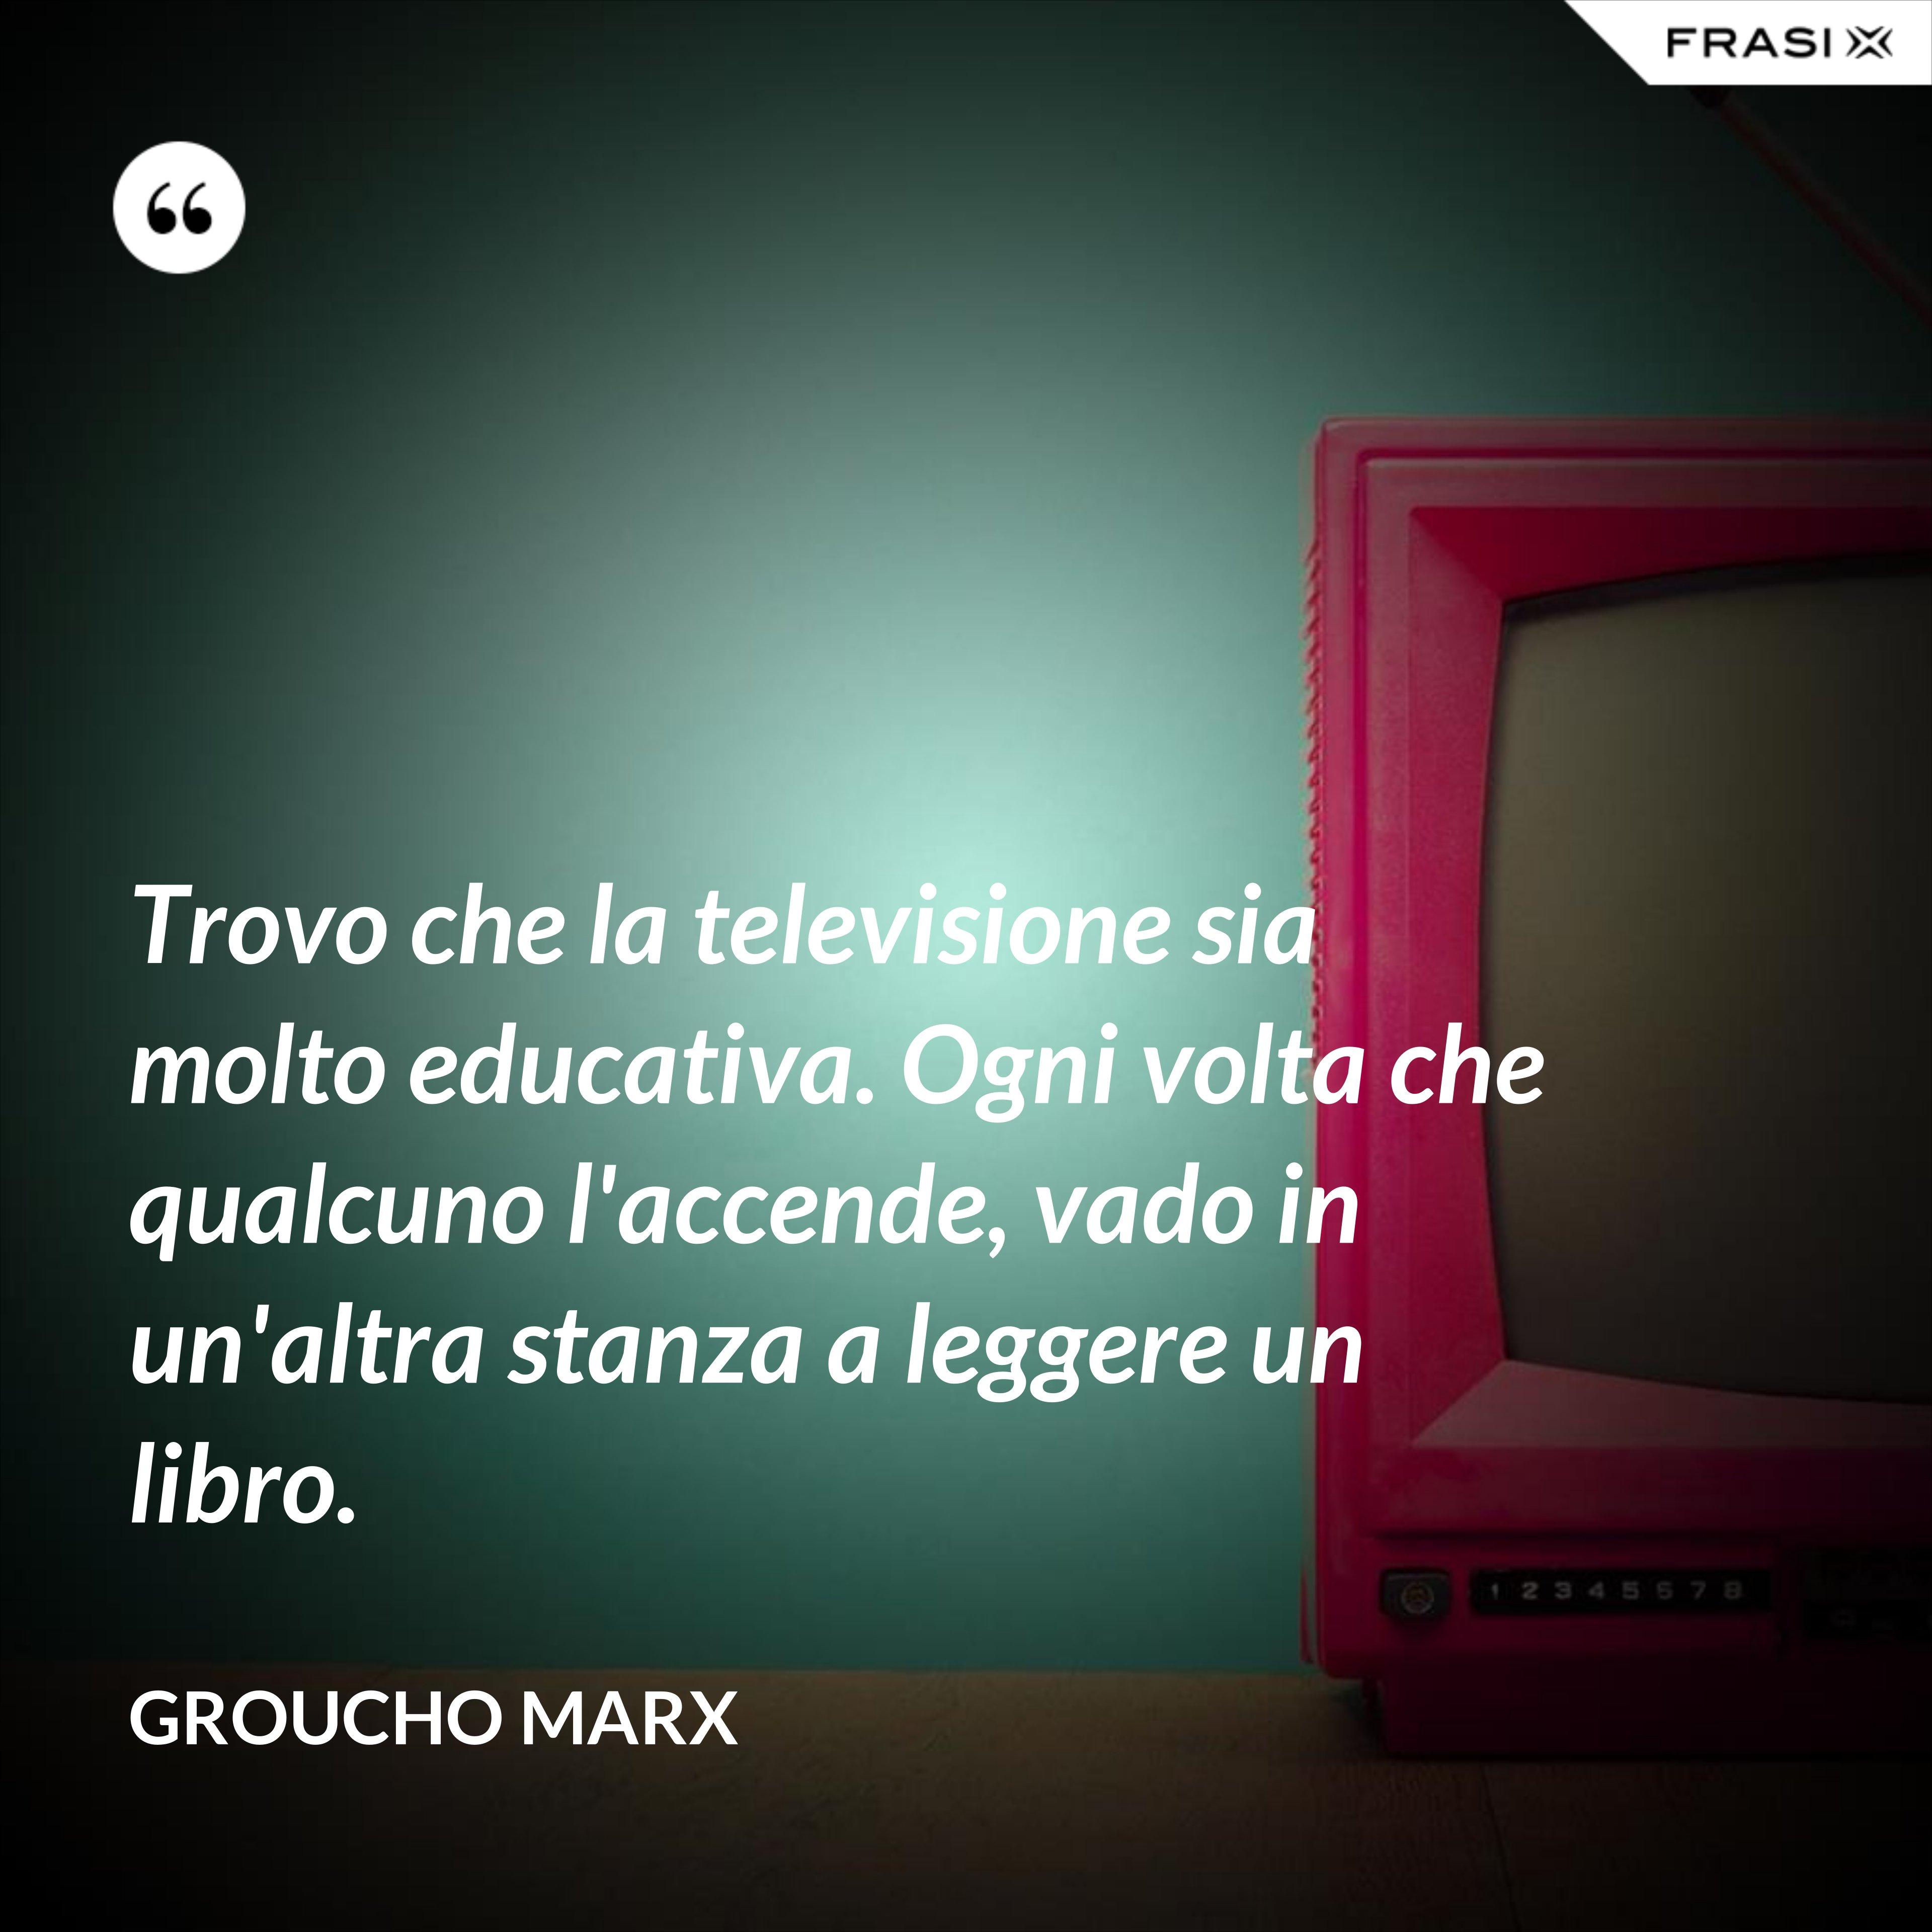 Trovo che la televisione sia molto educativa. Ogni volta che qualcuno l'accende, vado in un'altra stanza a leggere un libro. - Groucho Marx